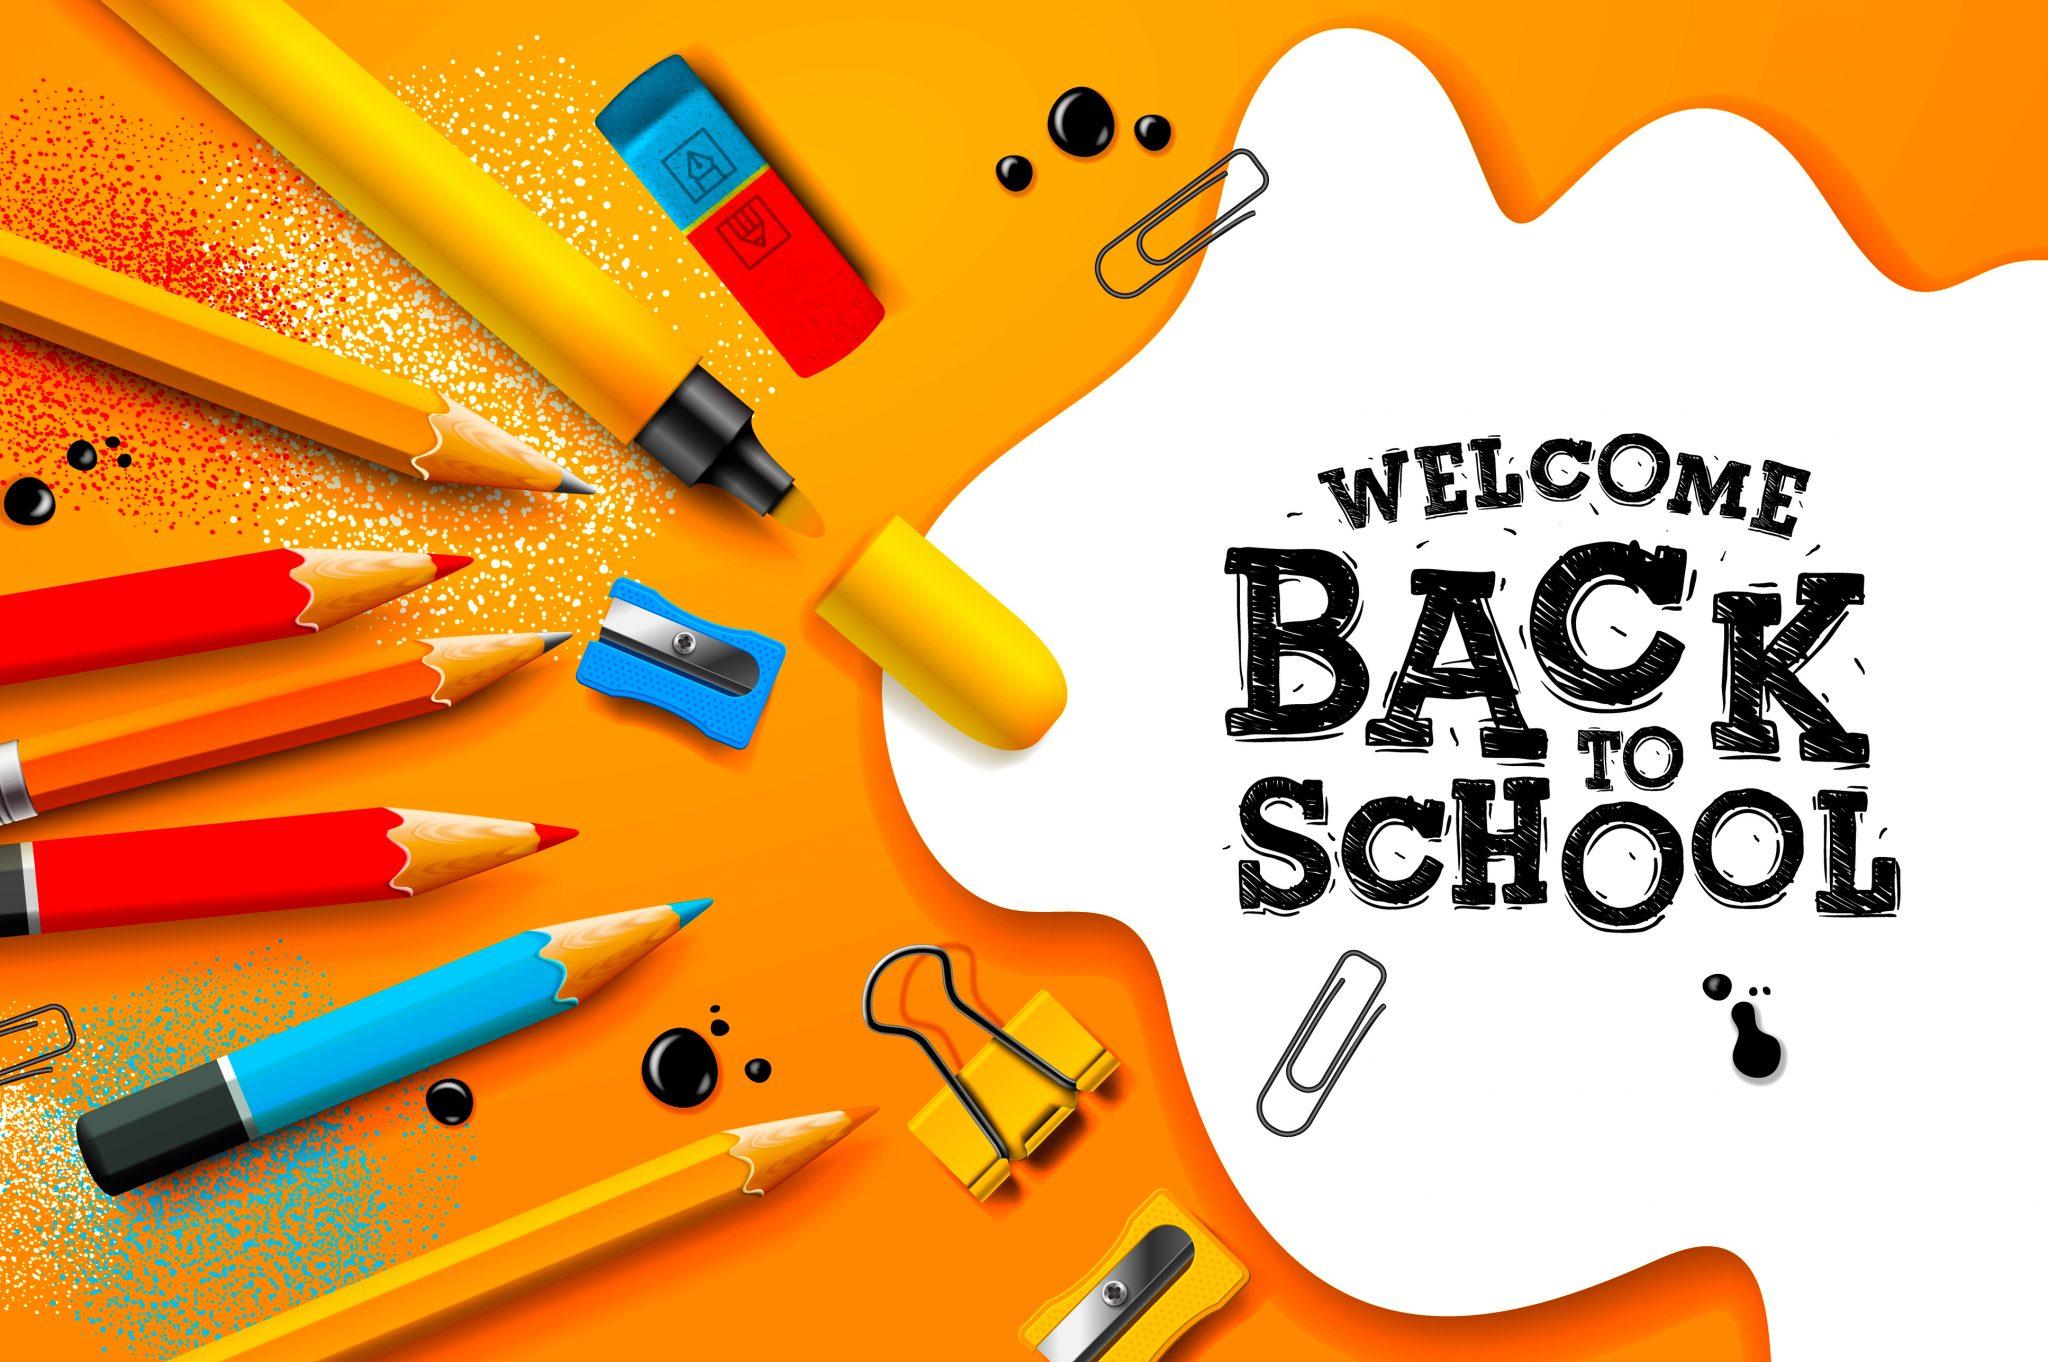 أعيد فتح المدارس اليوم خلال فترة سبتمبر في جميع أنحاء الإمارات العربية المتحدة